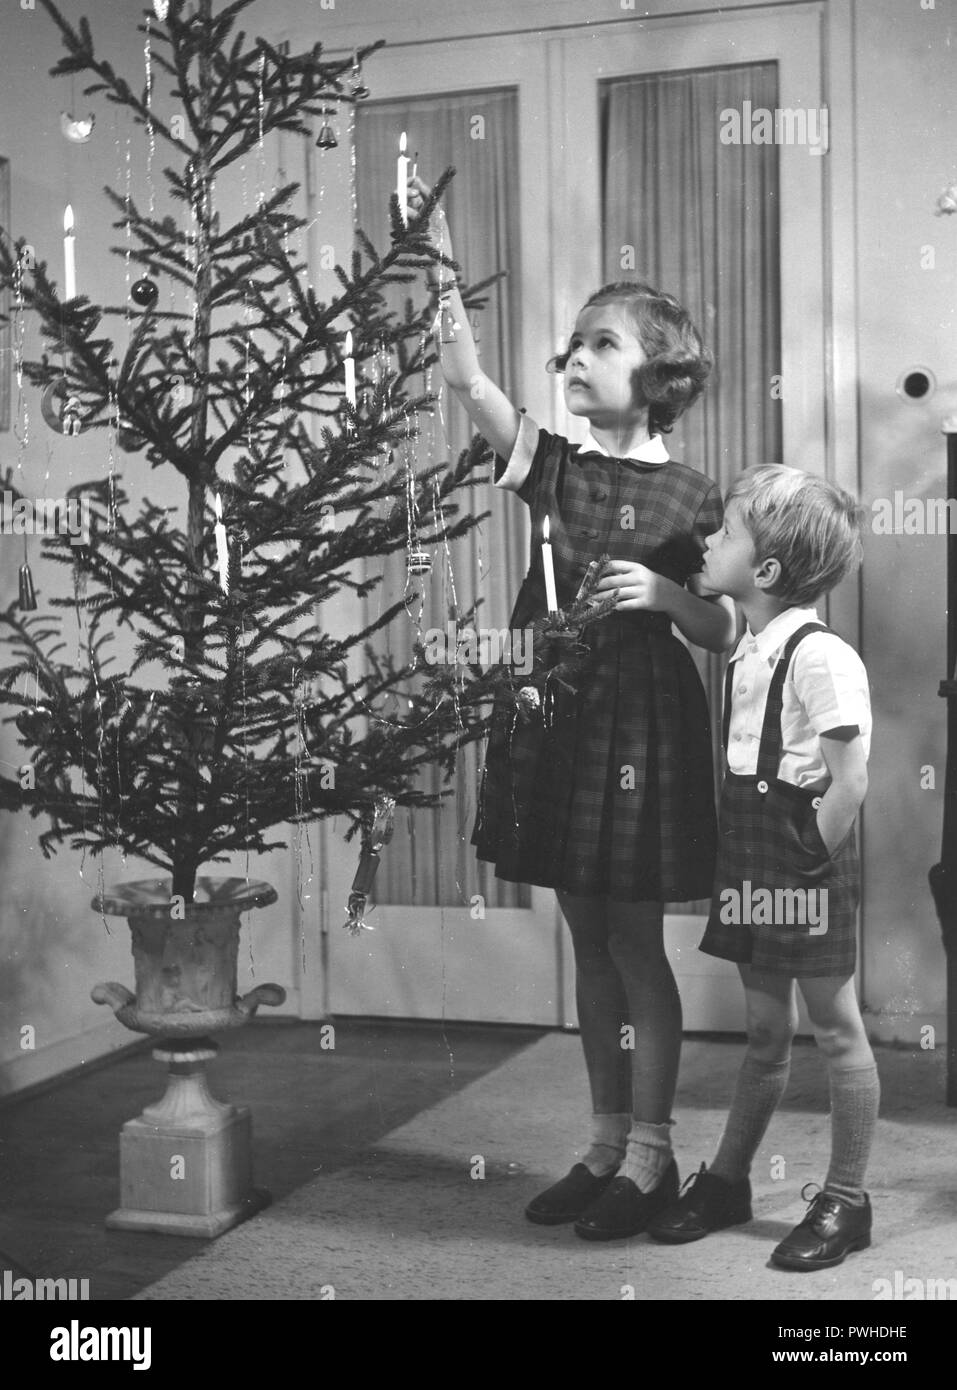 Weihnachten in den 1950er Jahren. Ein Mädchen und ein Junge ist die Beleuchtung der Kerzen in den Weihnachtsbaum. Sie sind hübsch für Weihnachten gekleidet. Schweden 1952 Stockbild